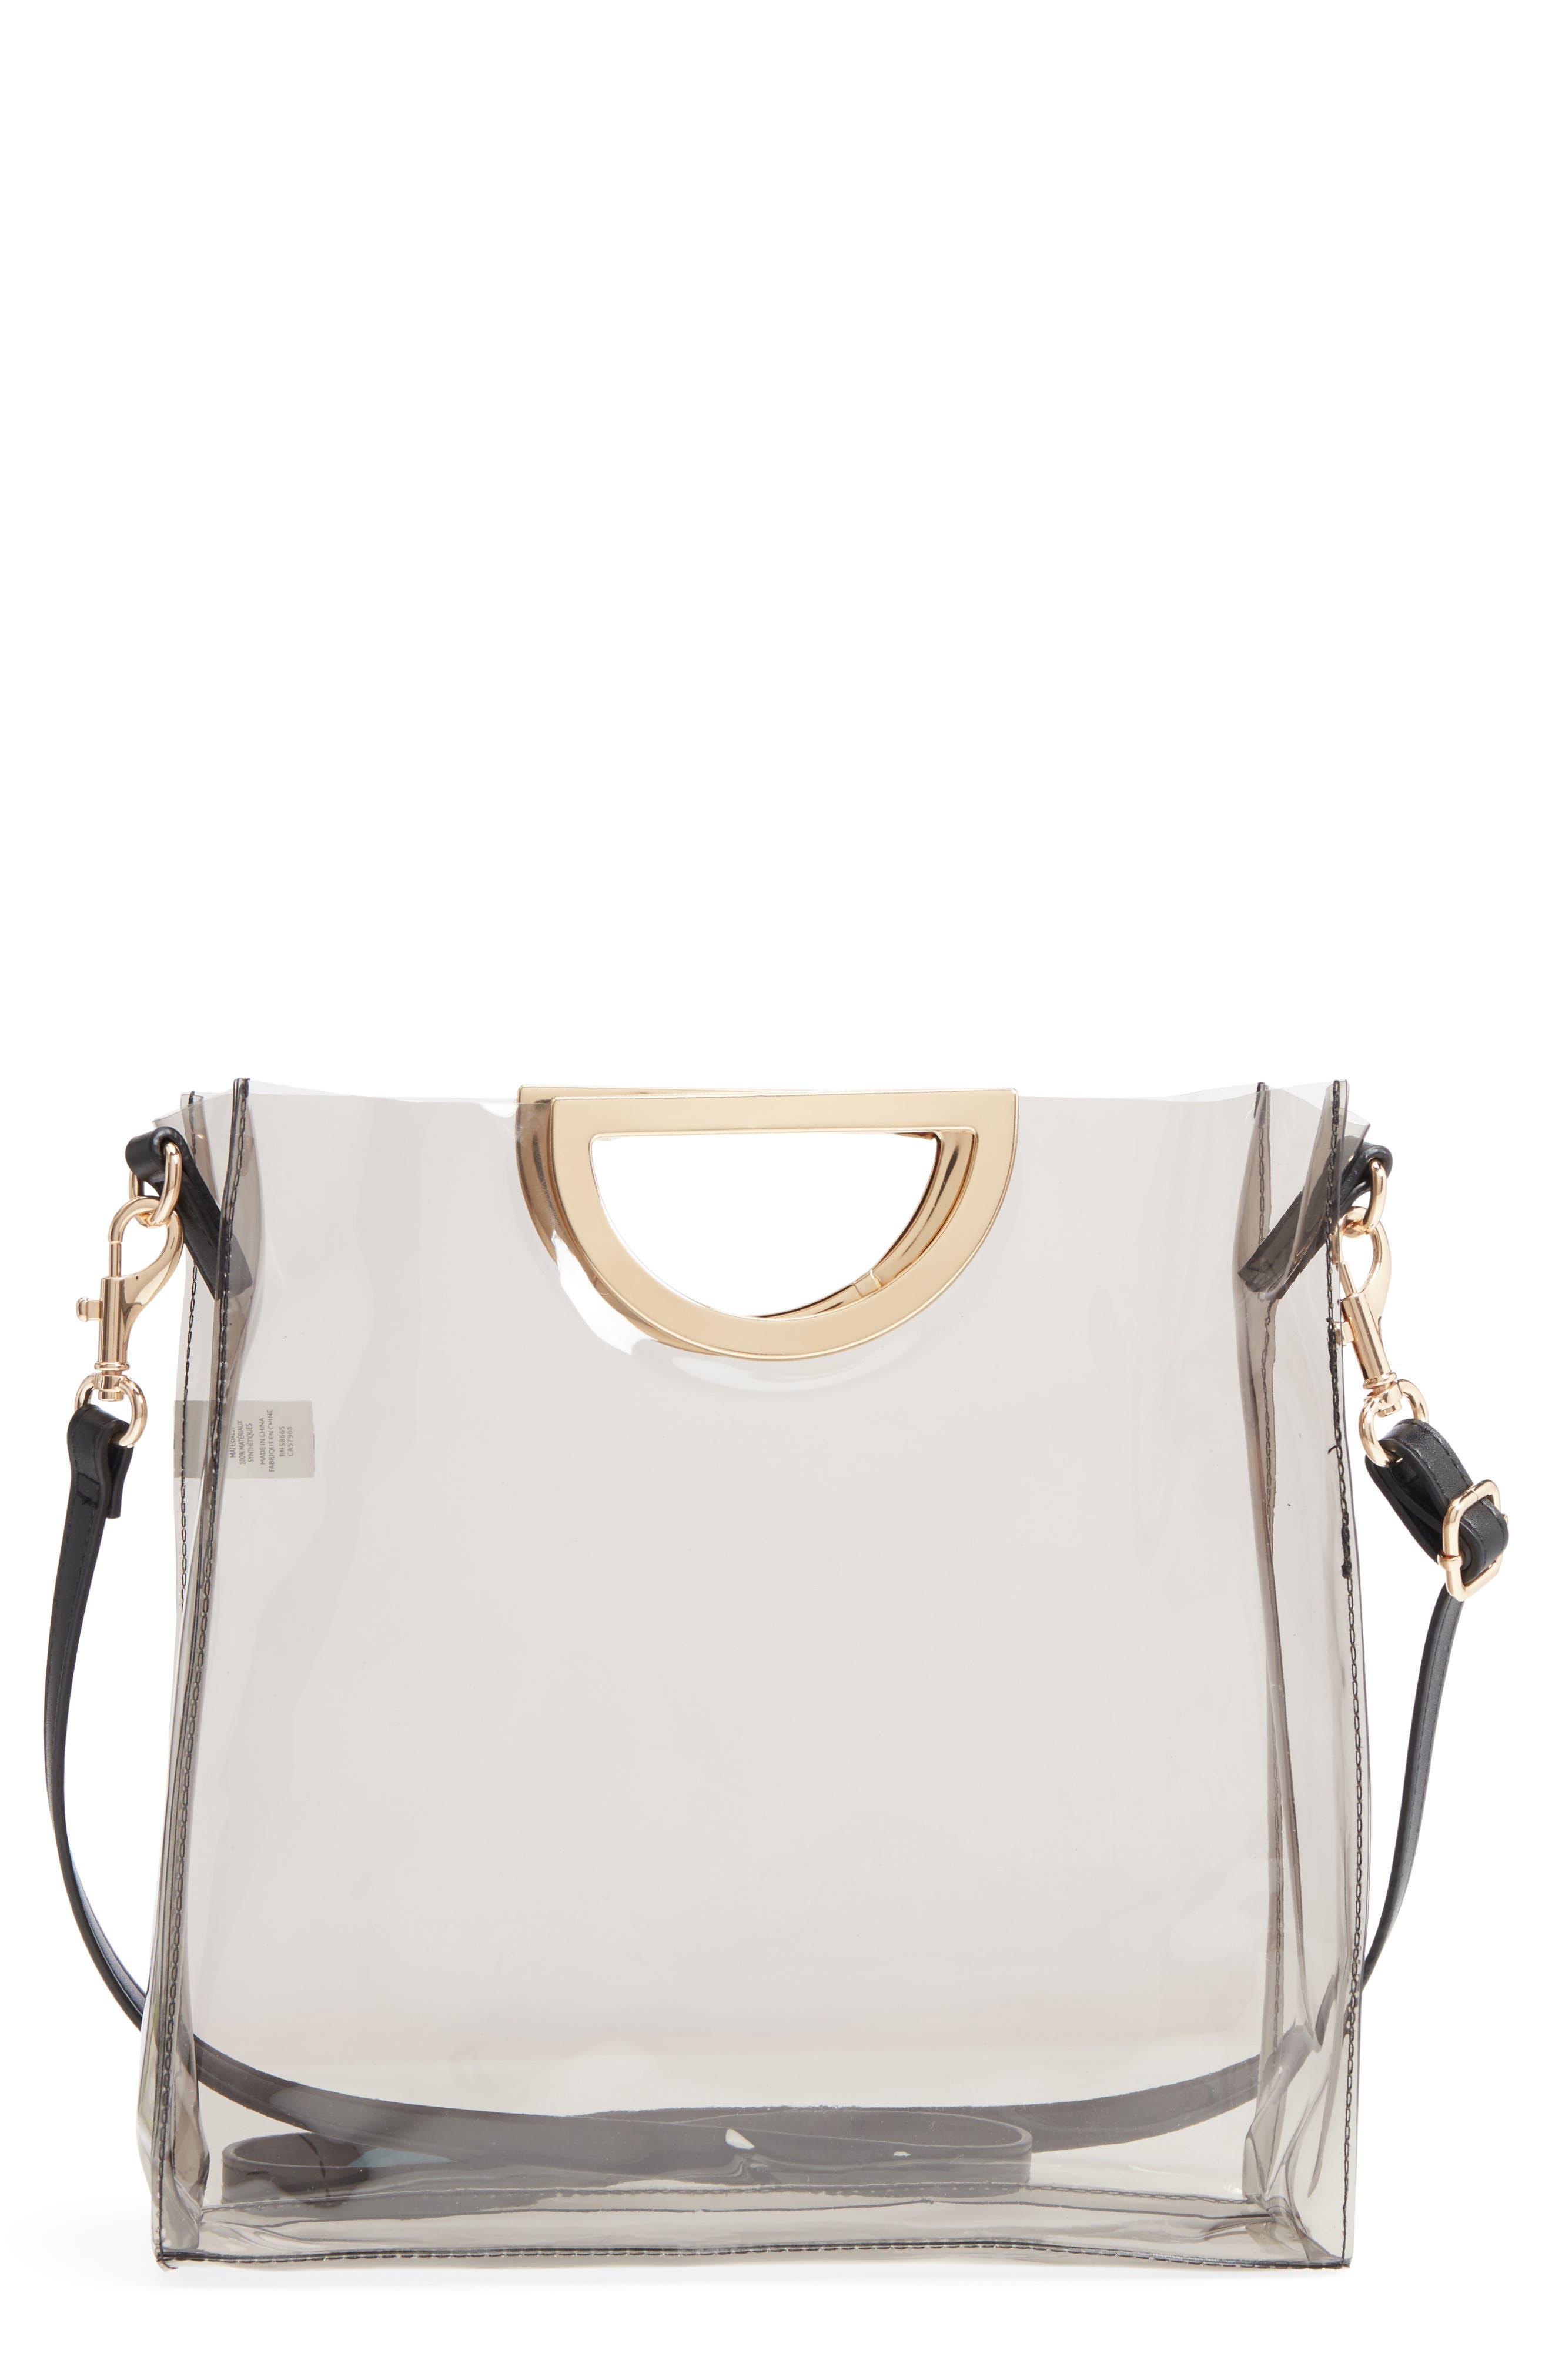 Alternate Image 1 Selected - BP. Mini Translucent Metal Handle Bag